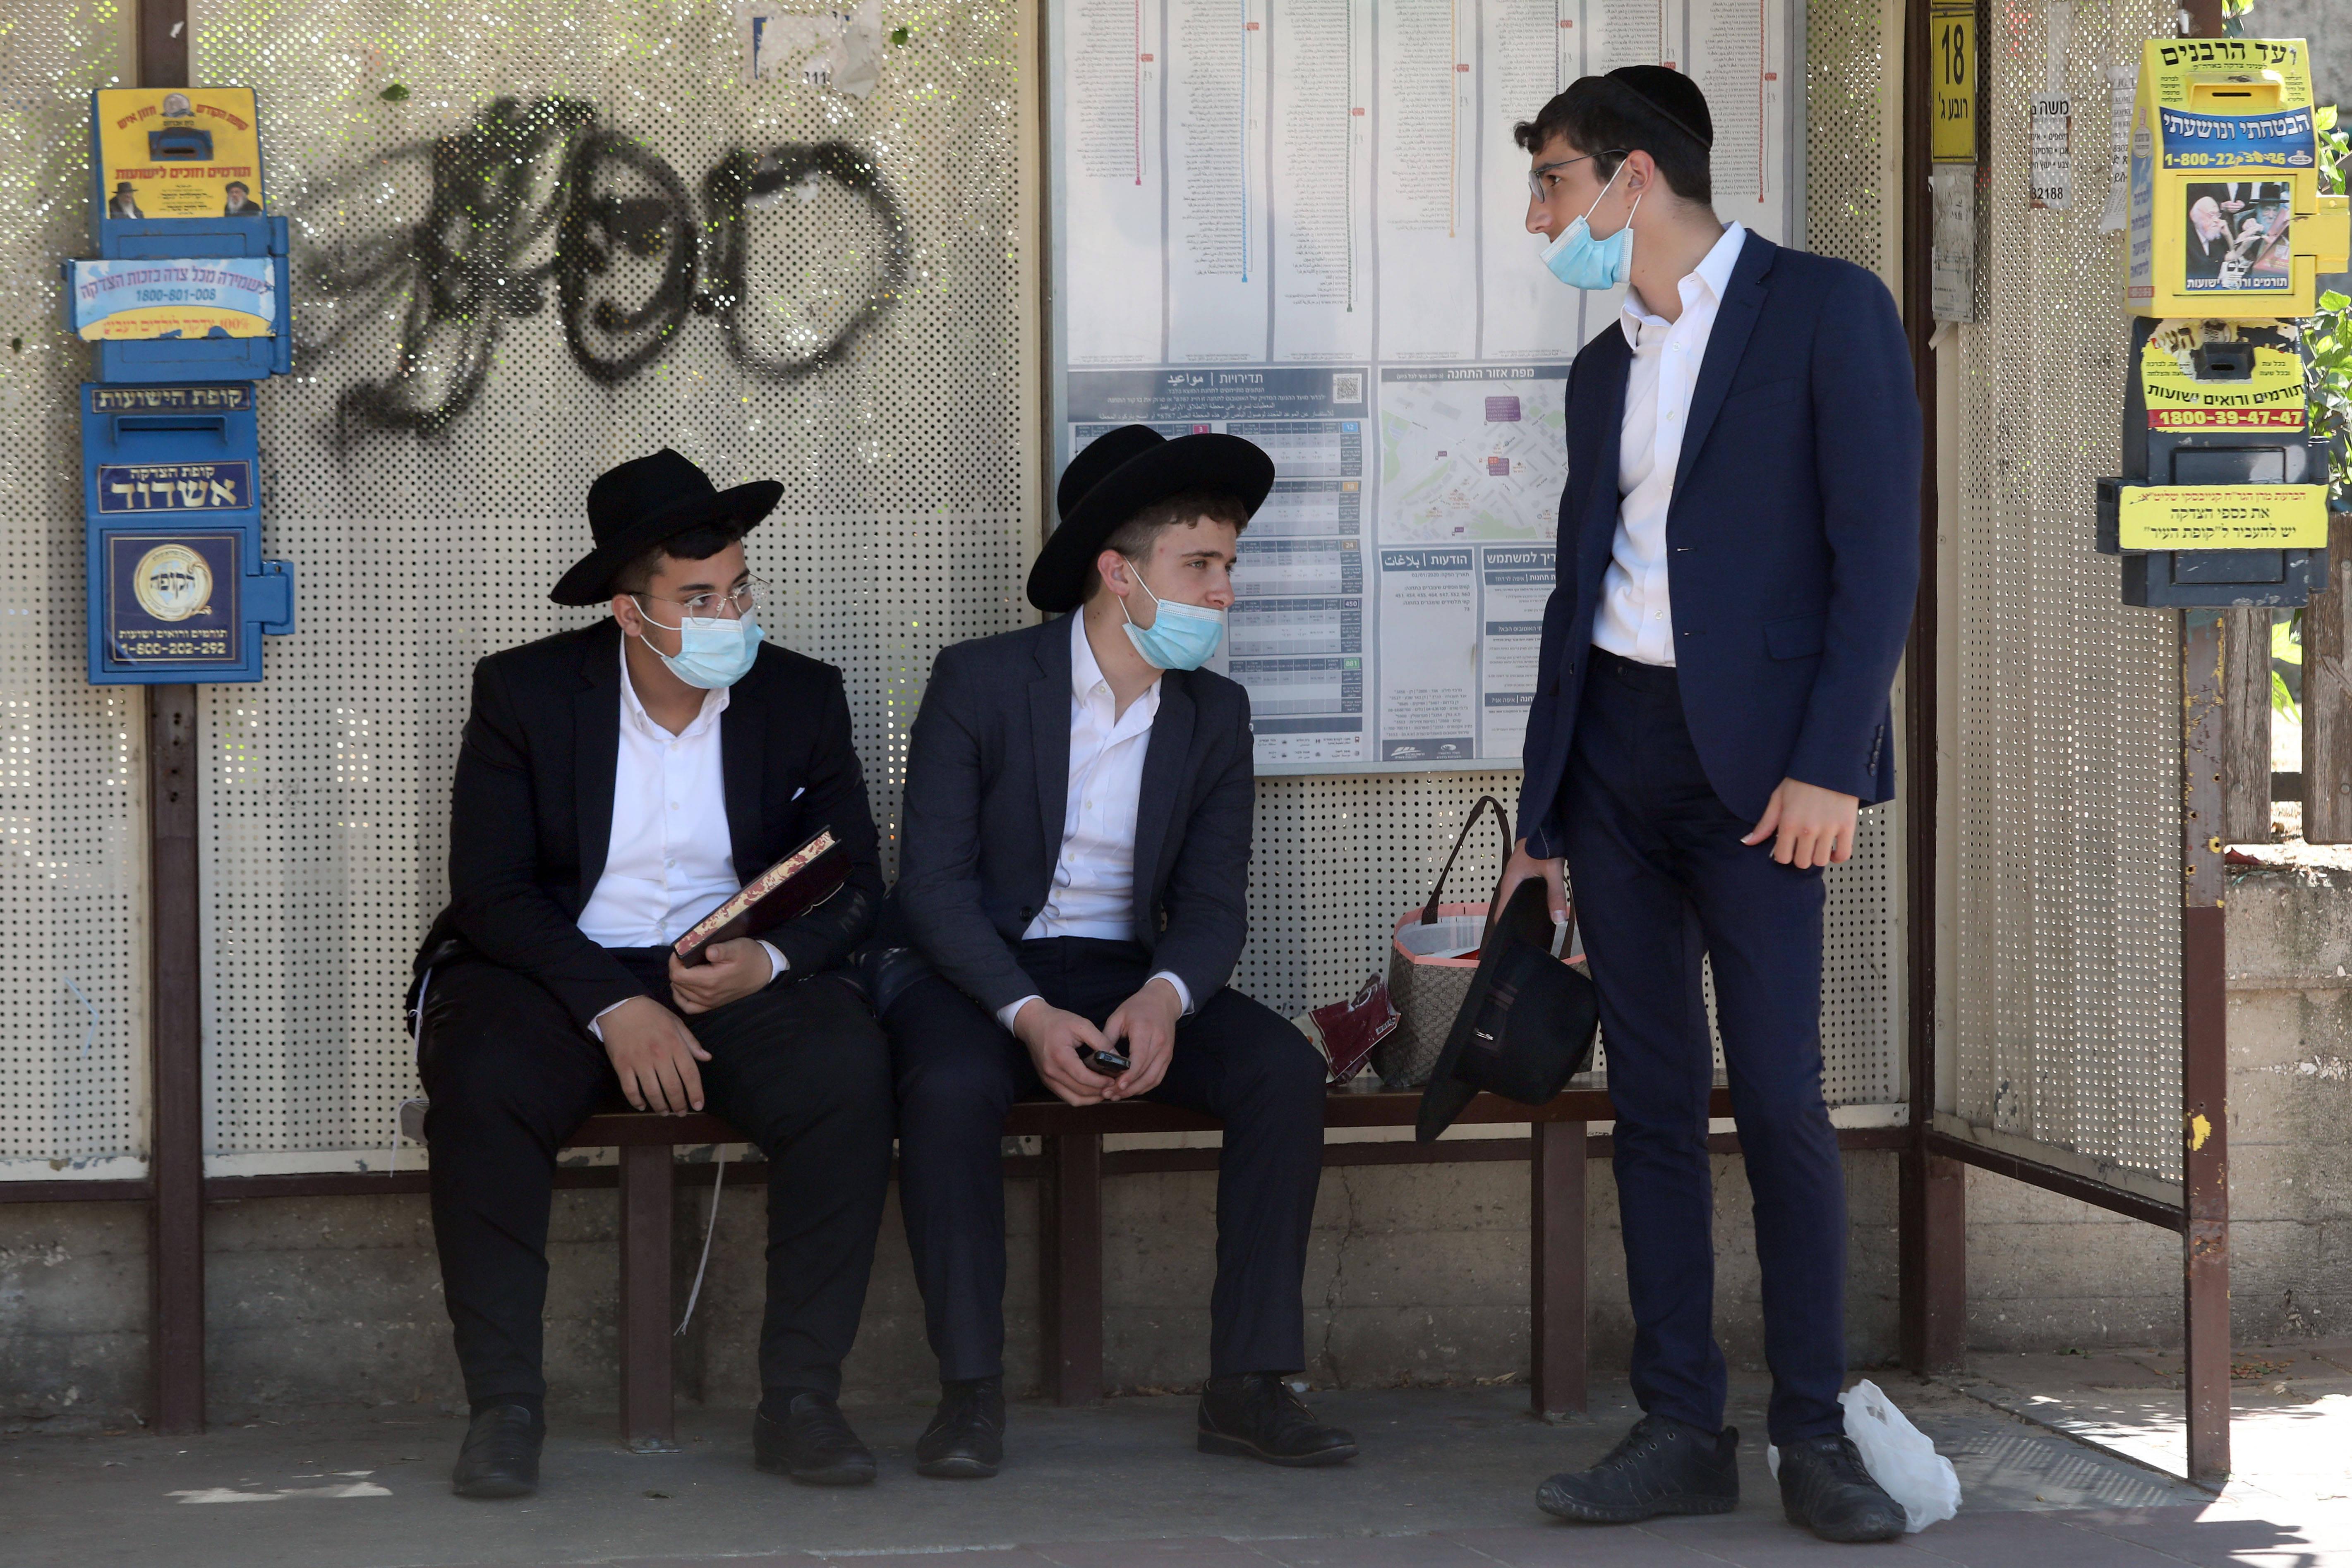 以色列累计确诊病例27047例